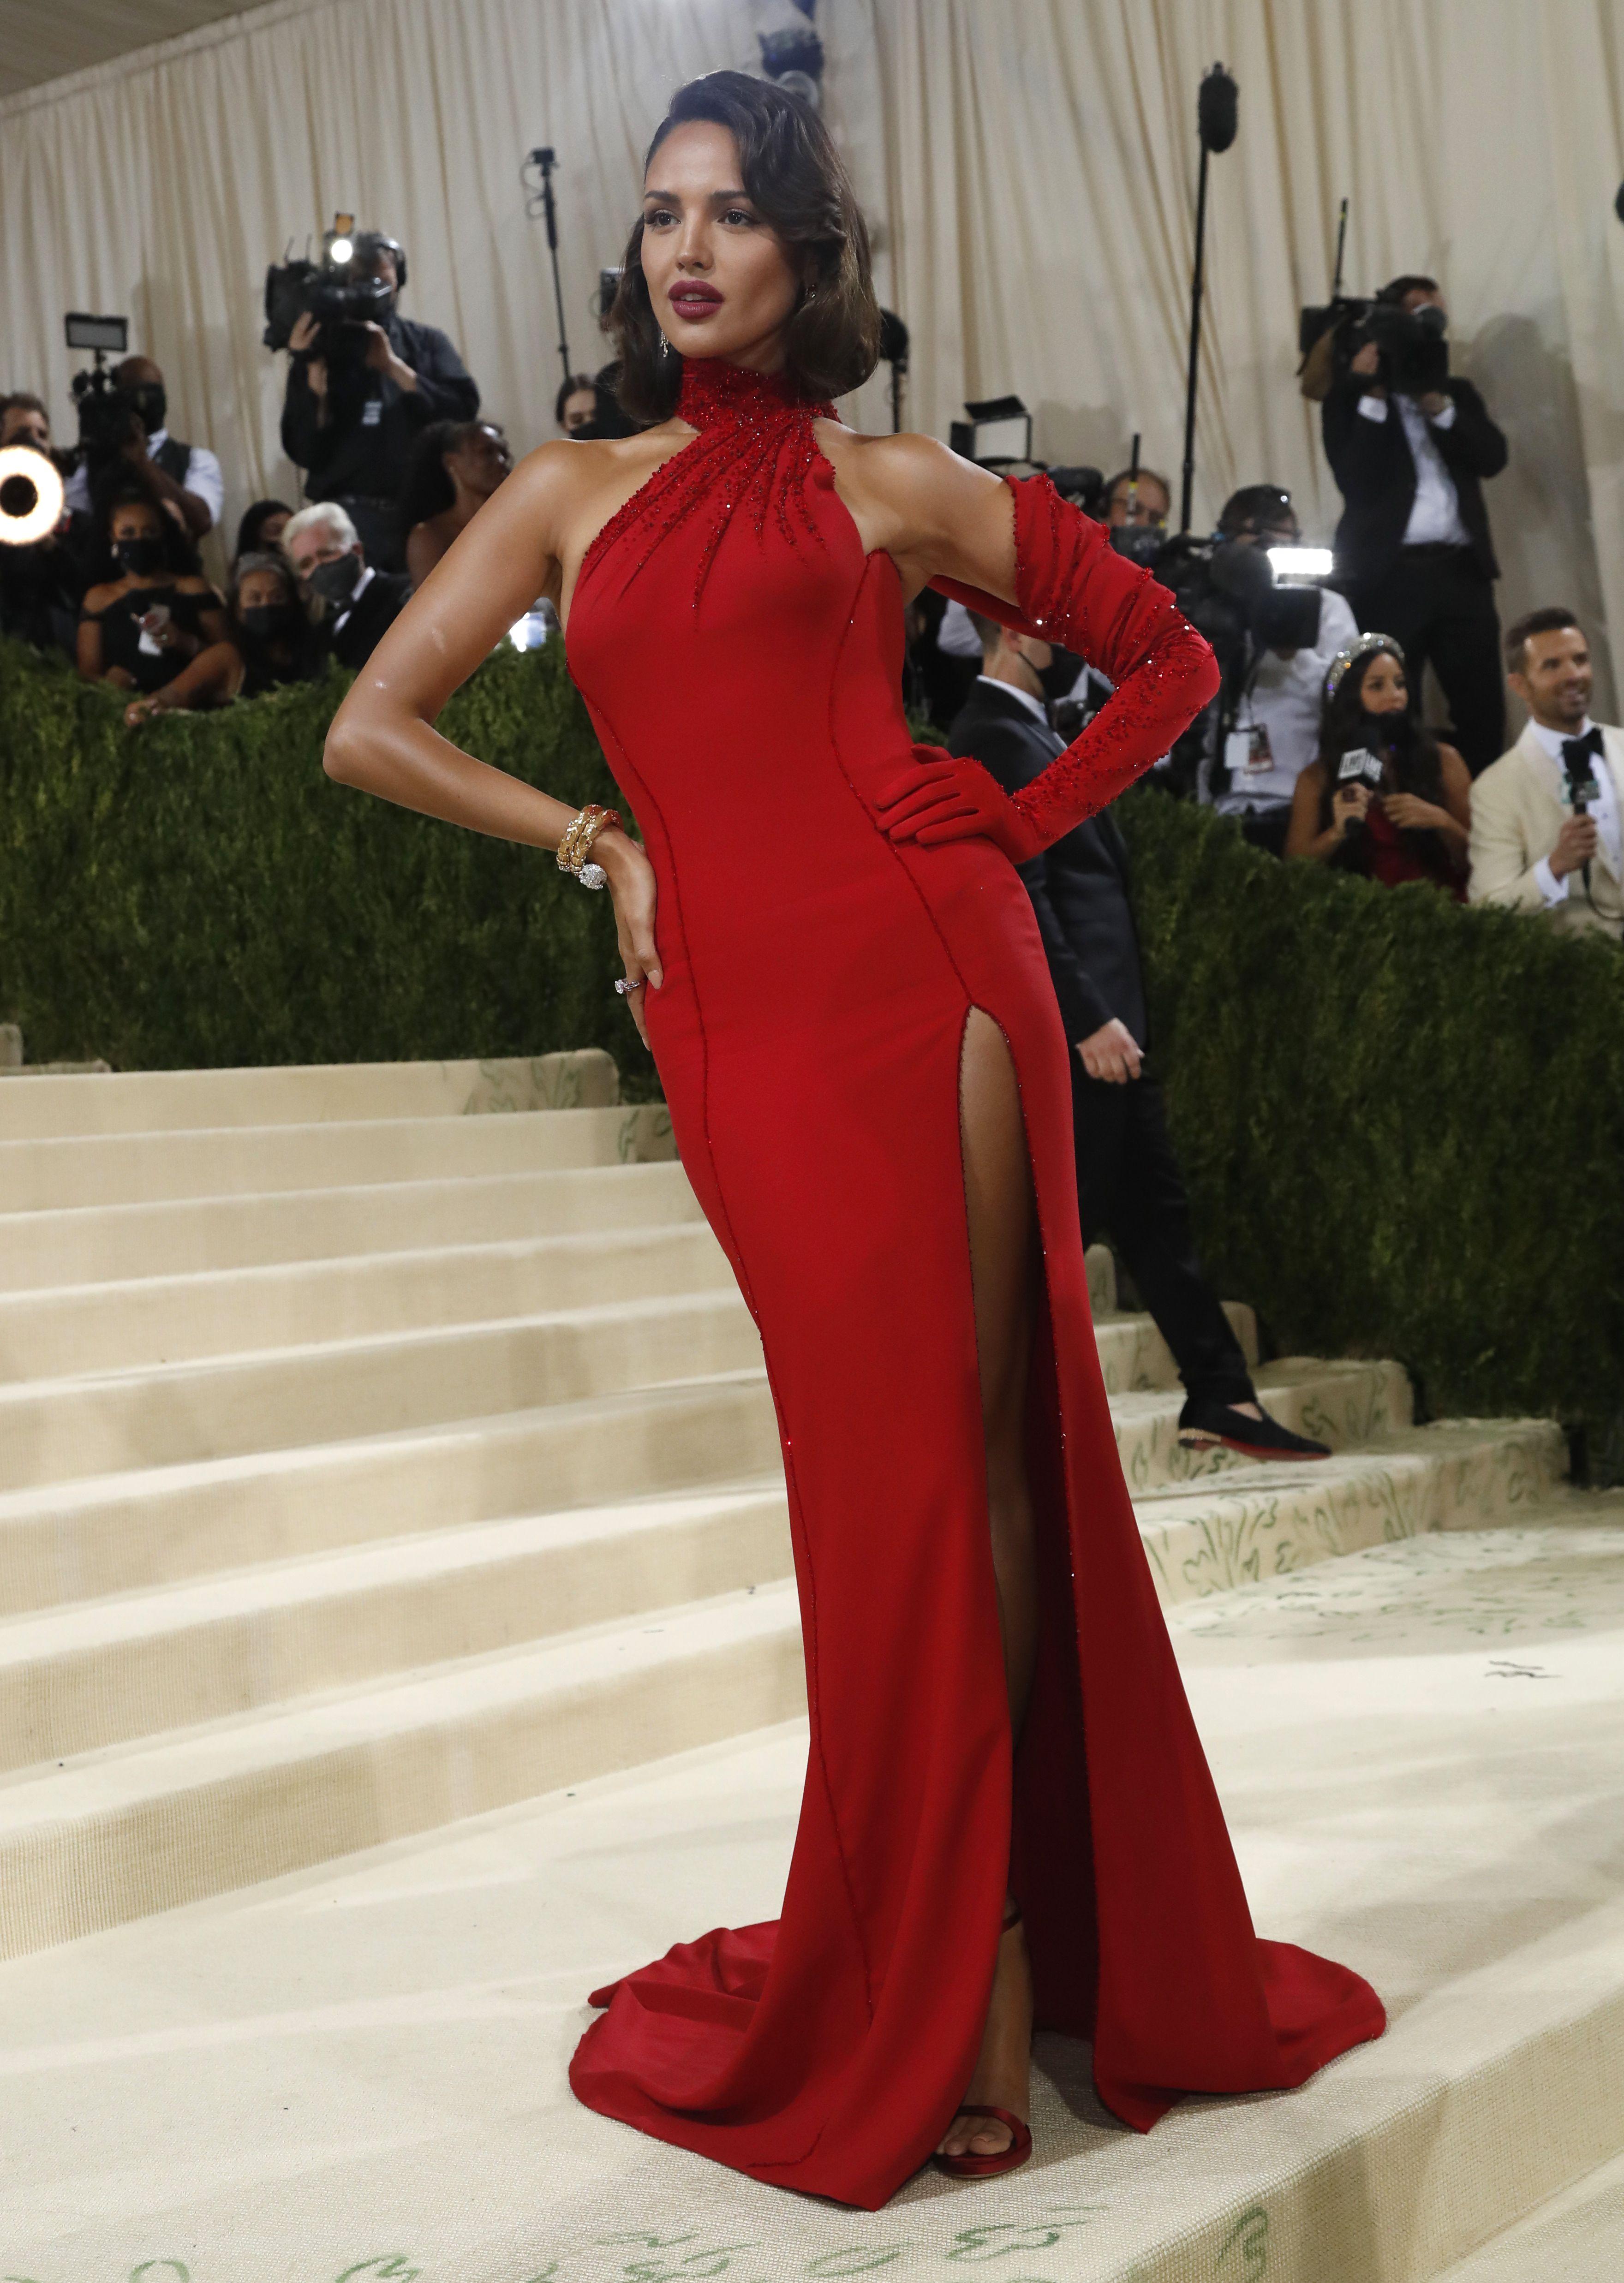 El vestido, además, estuvo inspirado en una de las figuras más icónicas de Hollywood: Ava Gardner (Foto: REUTERS/Mario Anzuoni)